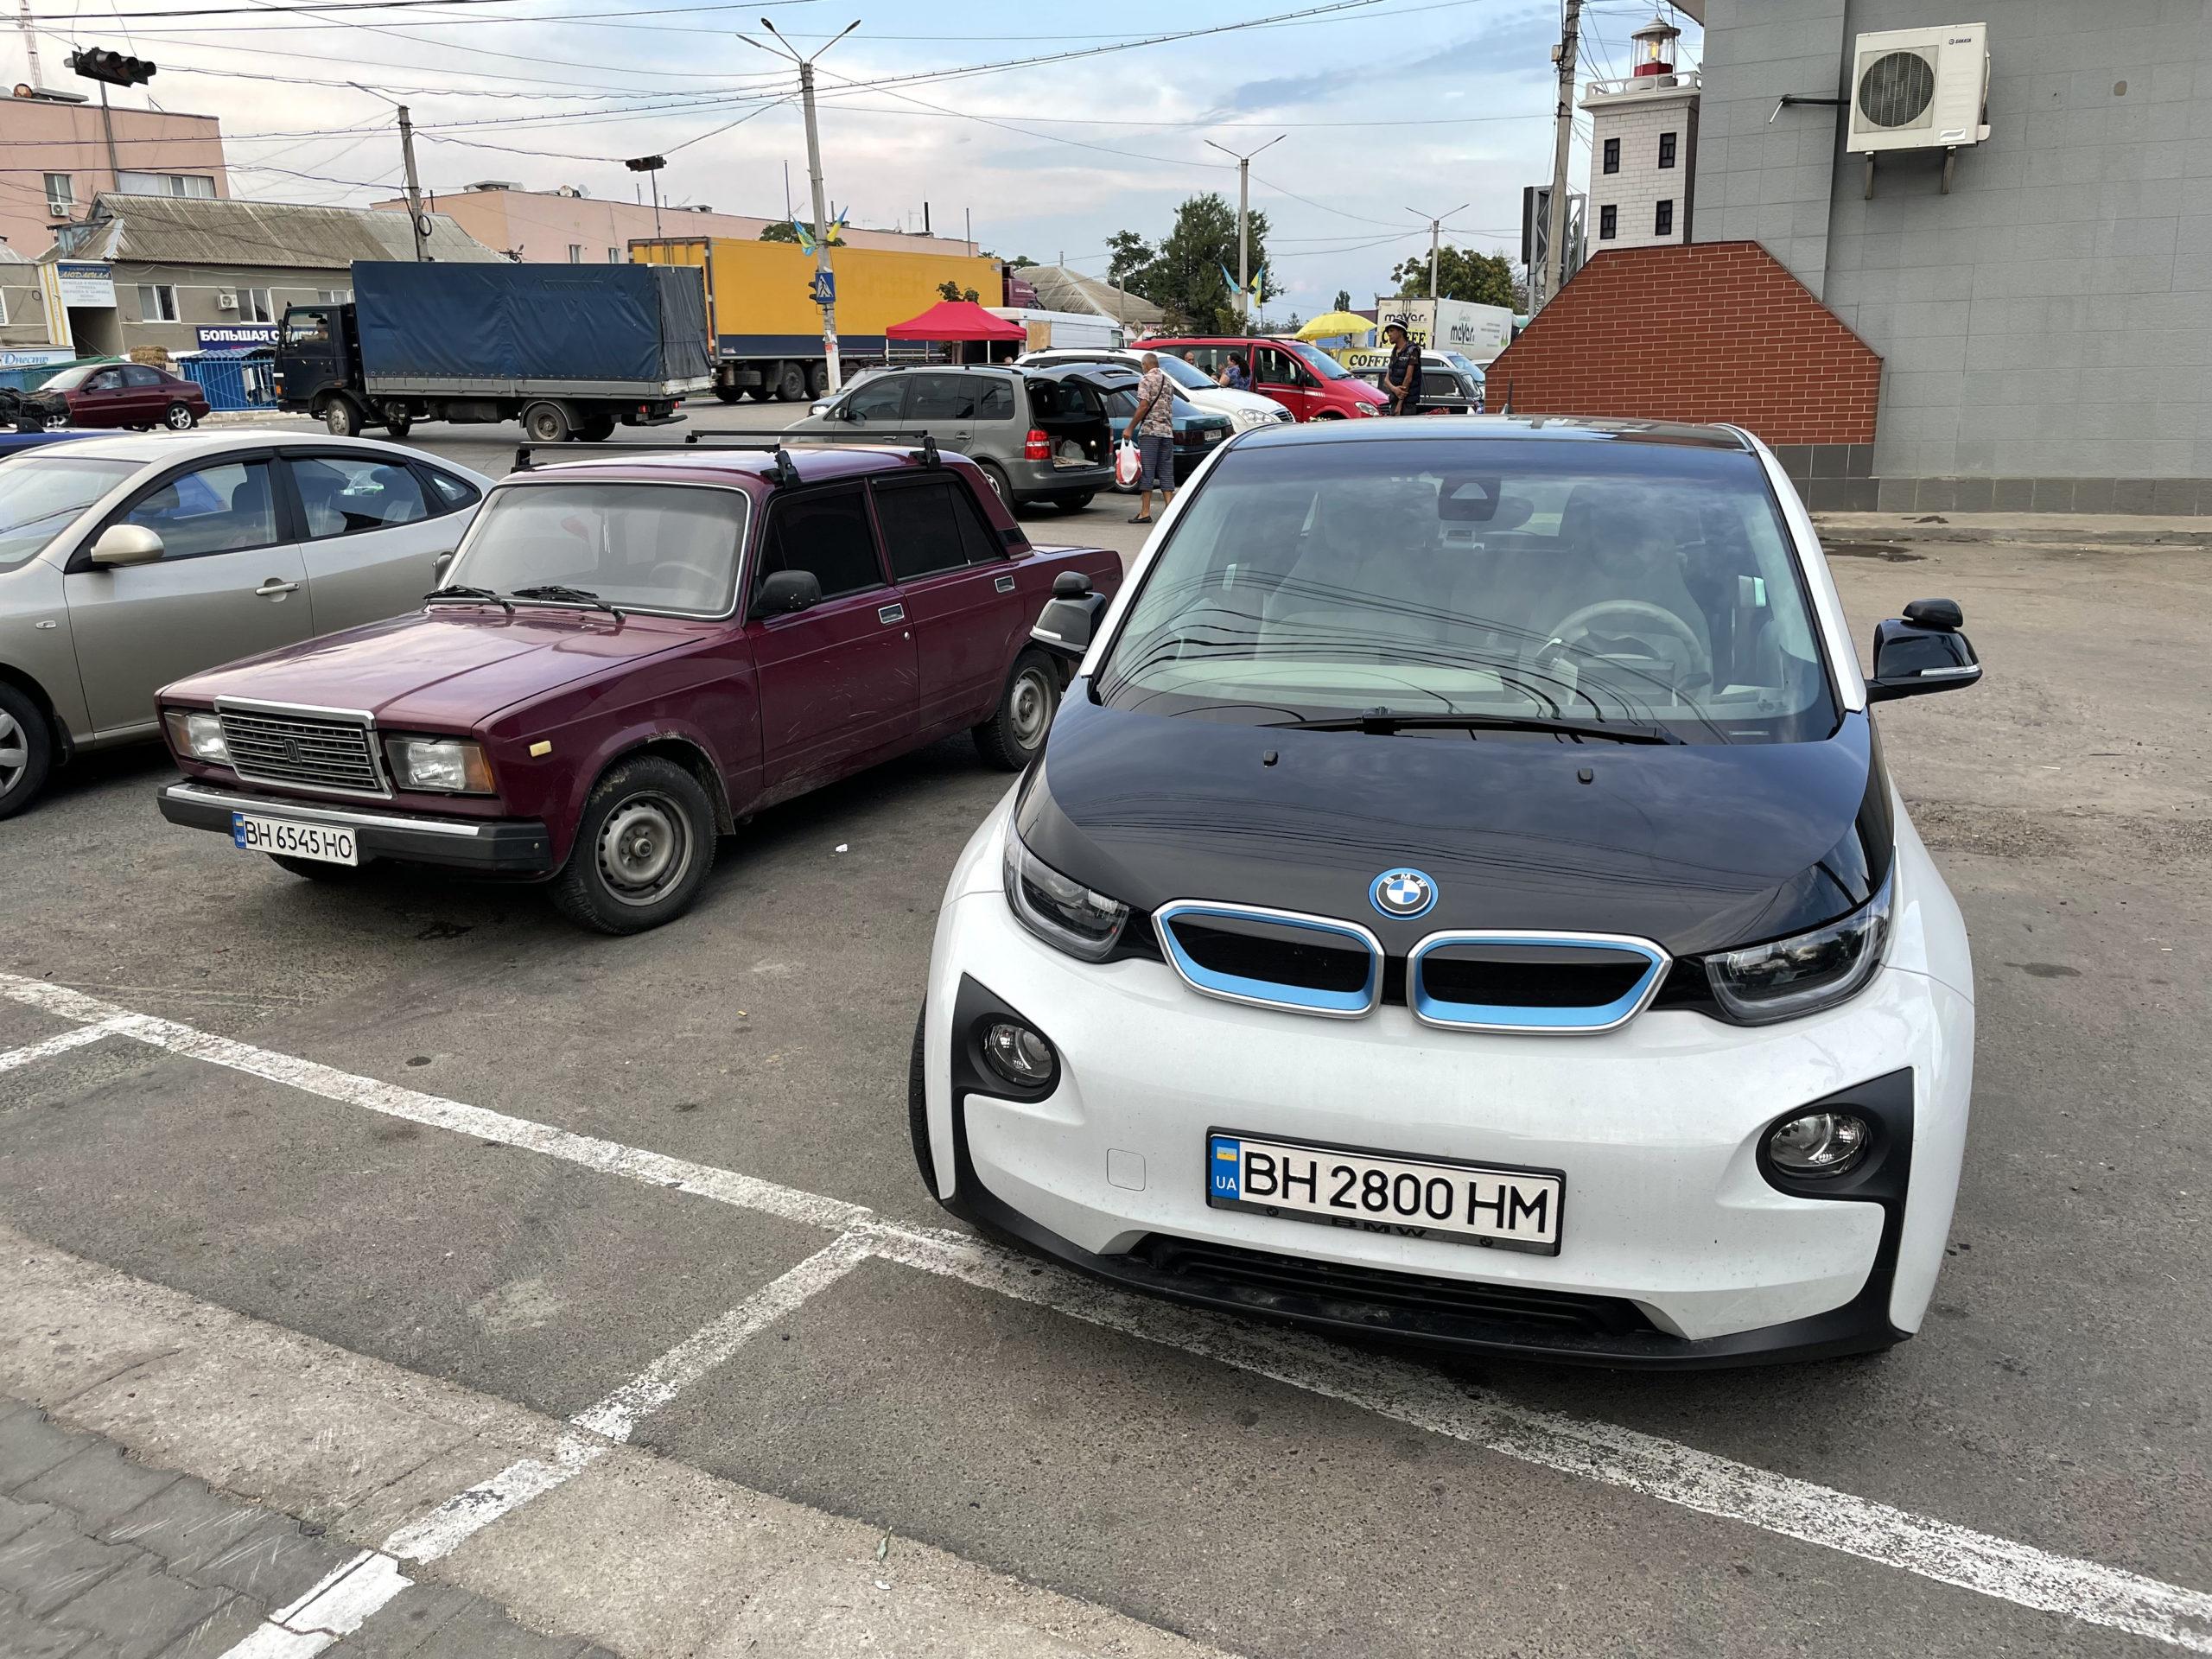 Ukraiński kontrast - nowe, elektryczne BMW, a obok wiekowa Łada